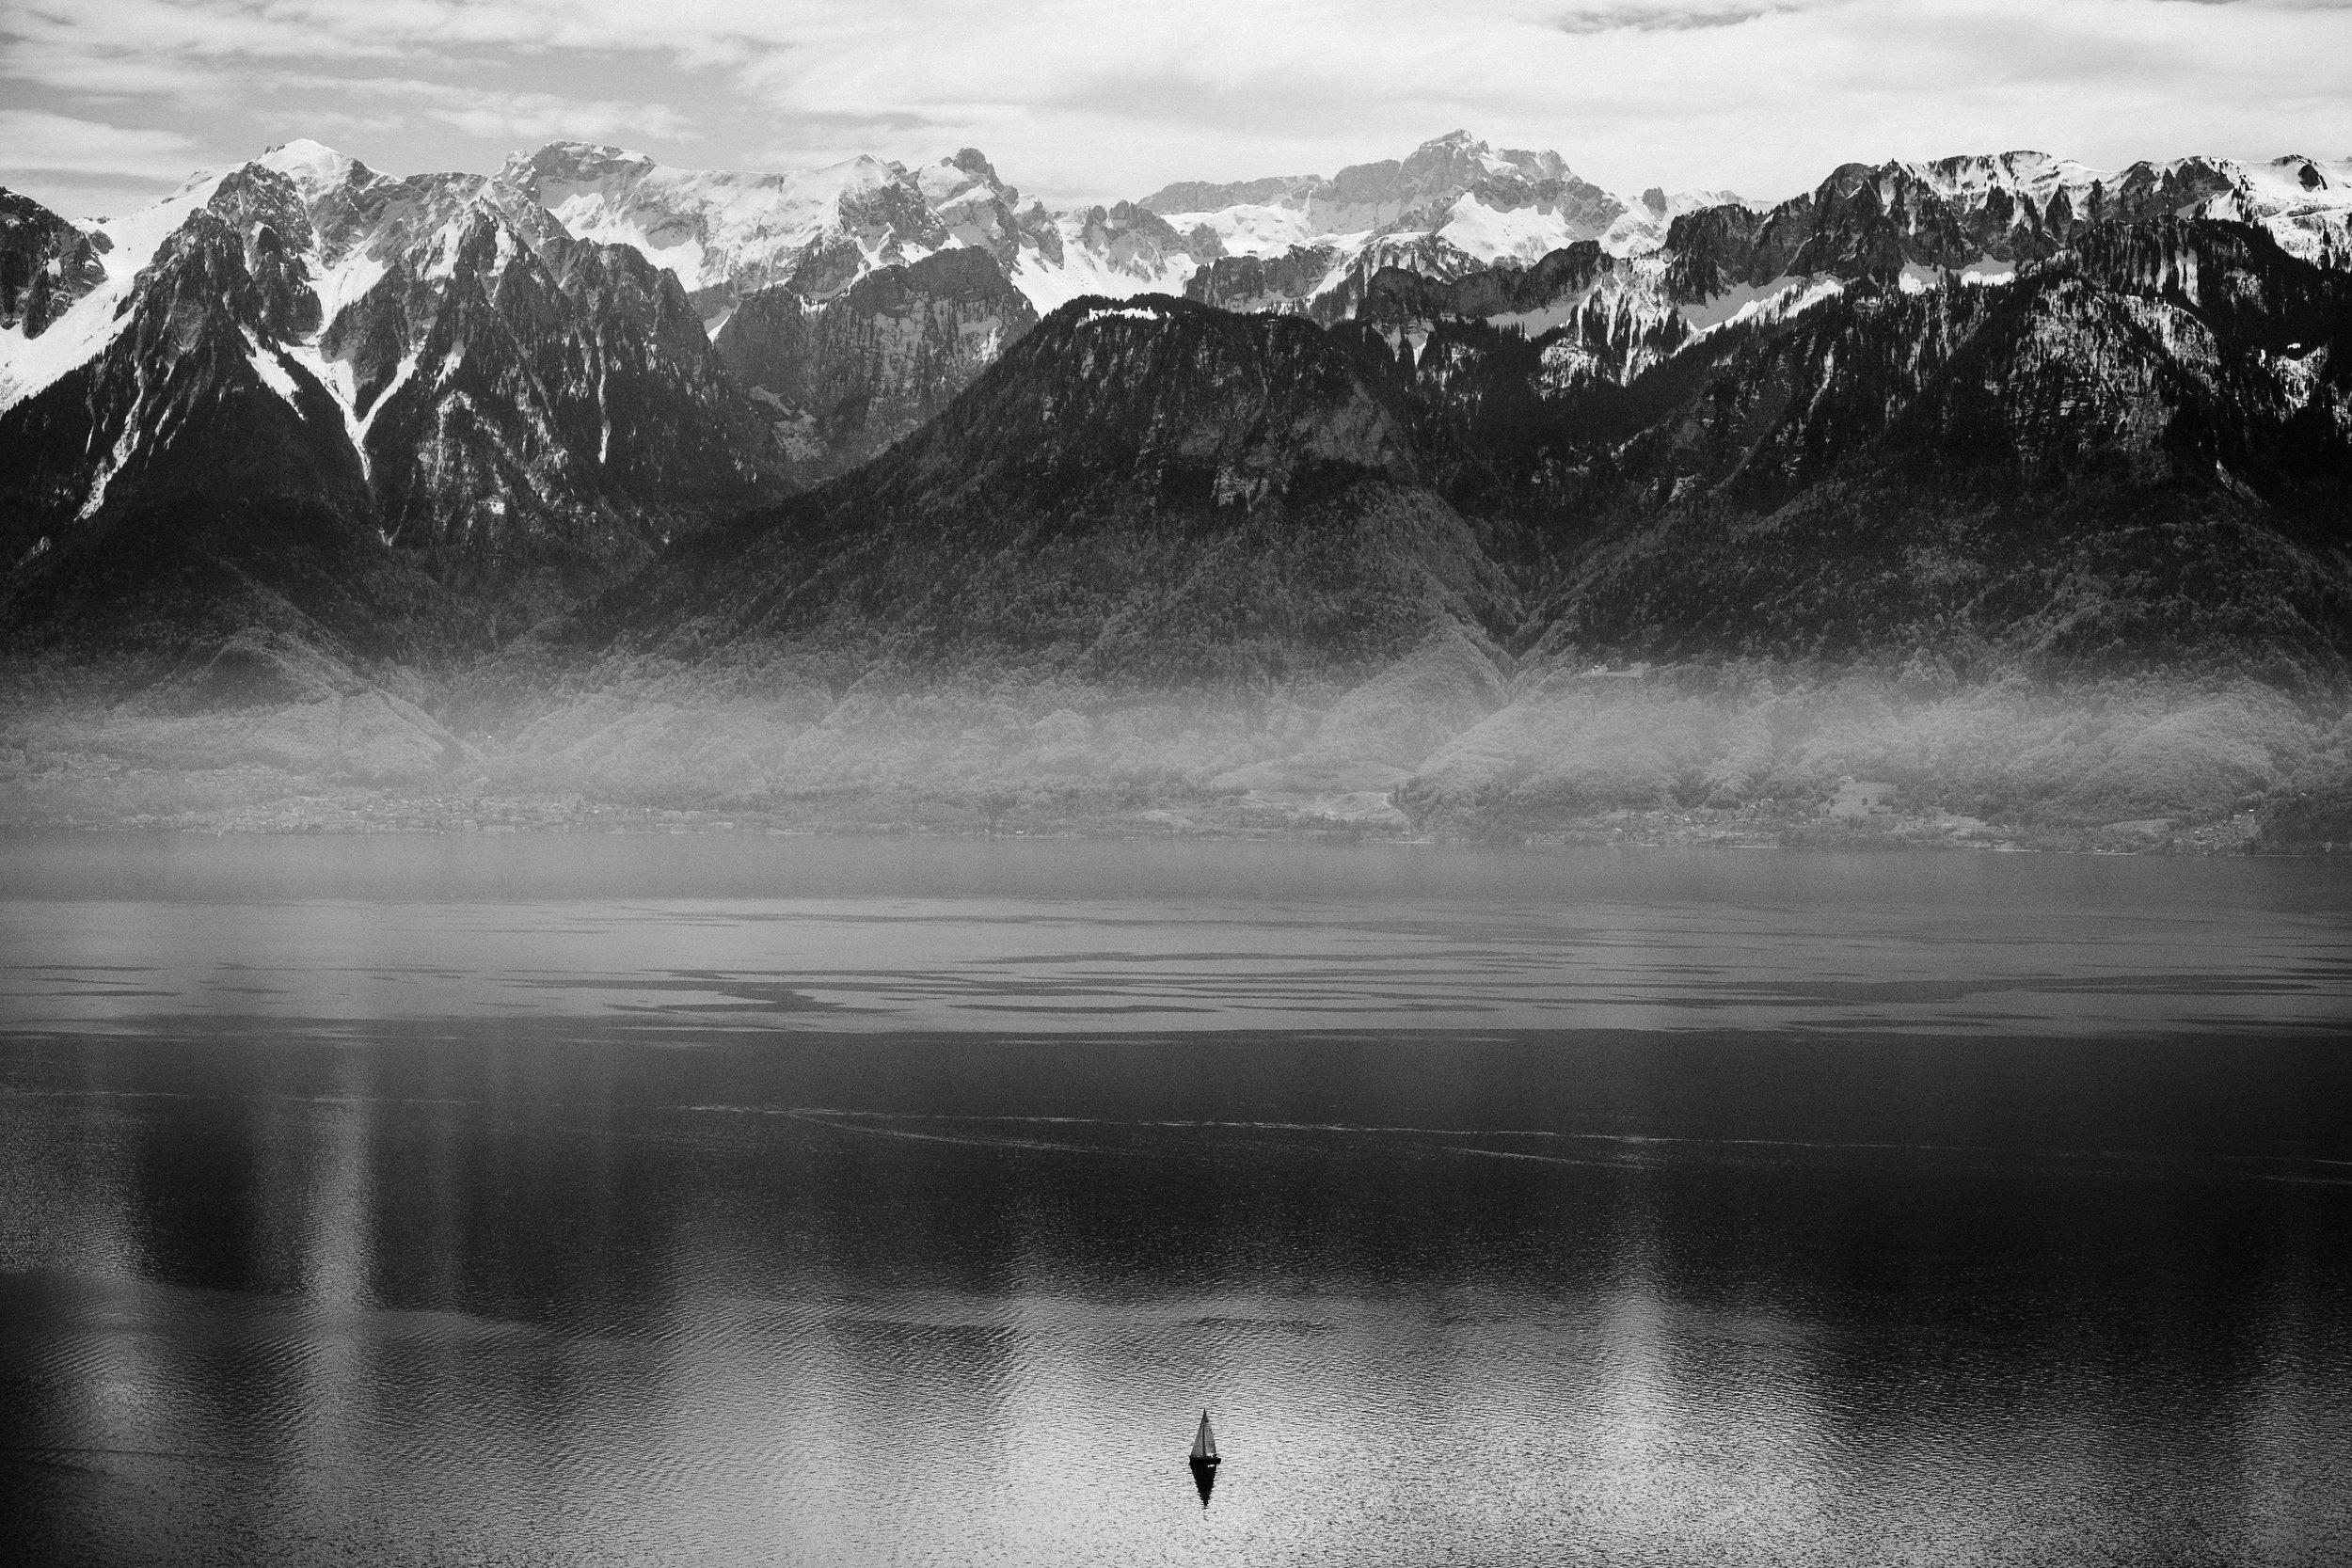 Switzerland-Richard-Tilney-Bassett-170430-133557-1.jpg